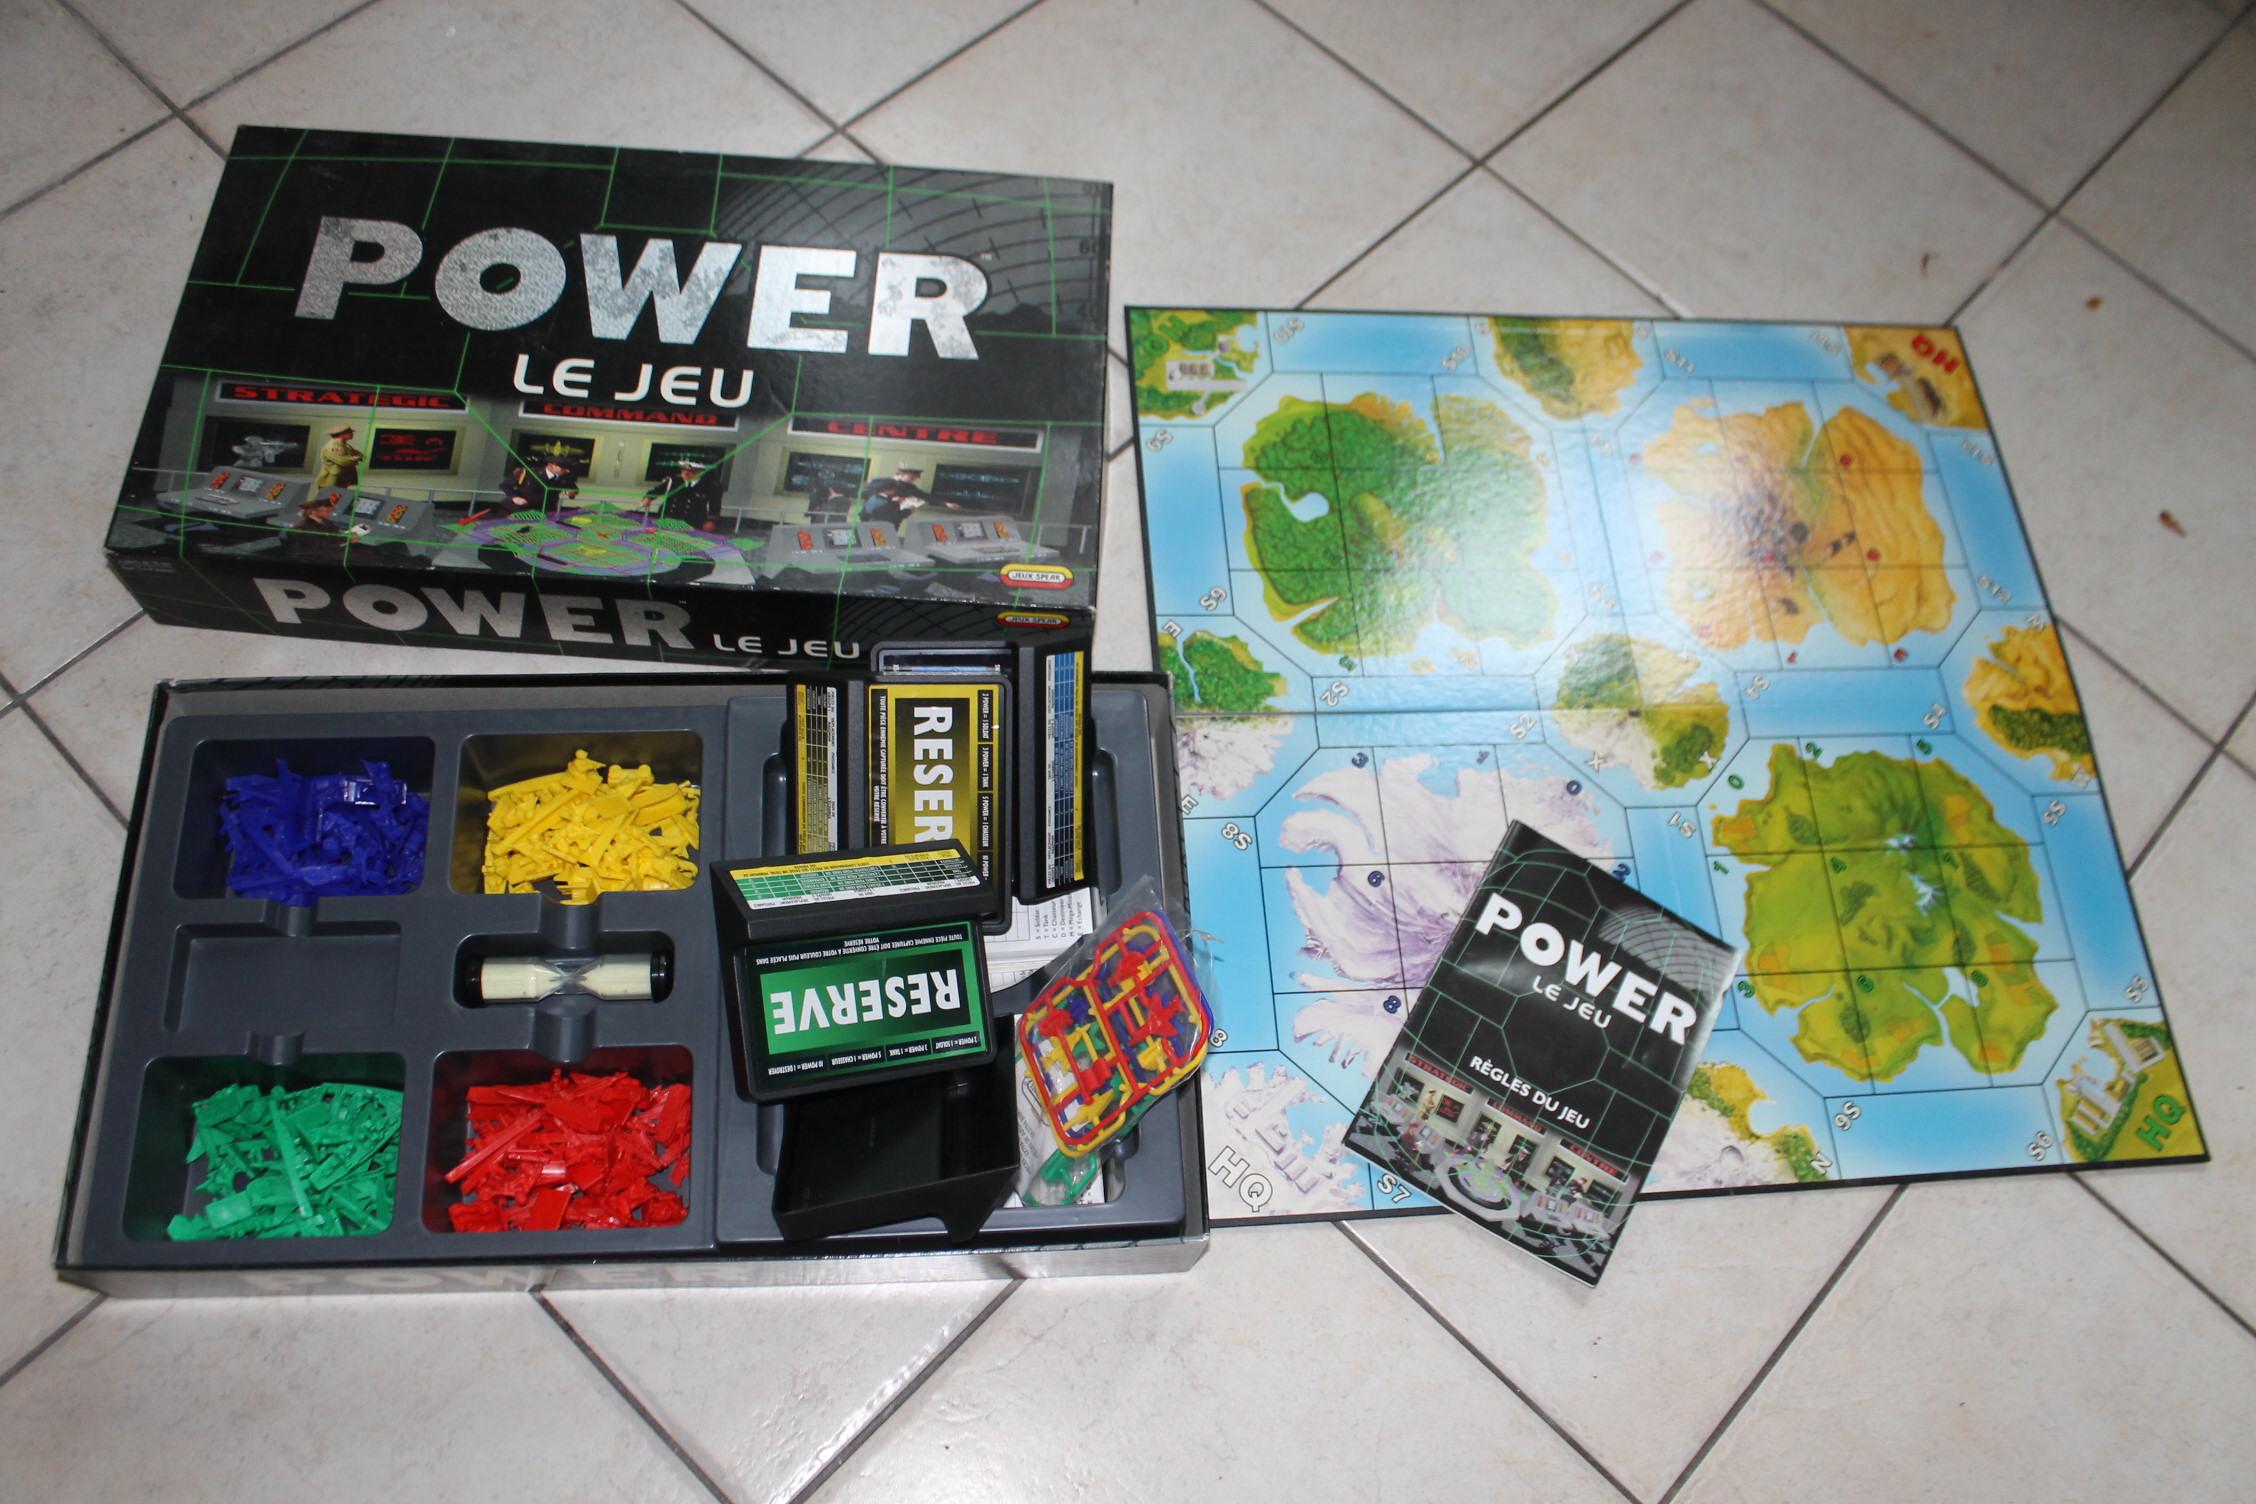 Power le jeu